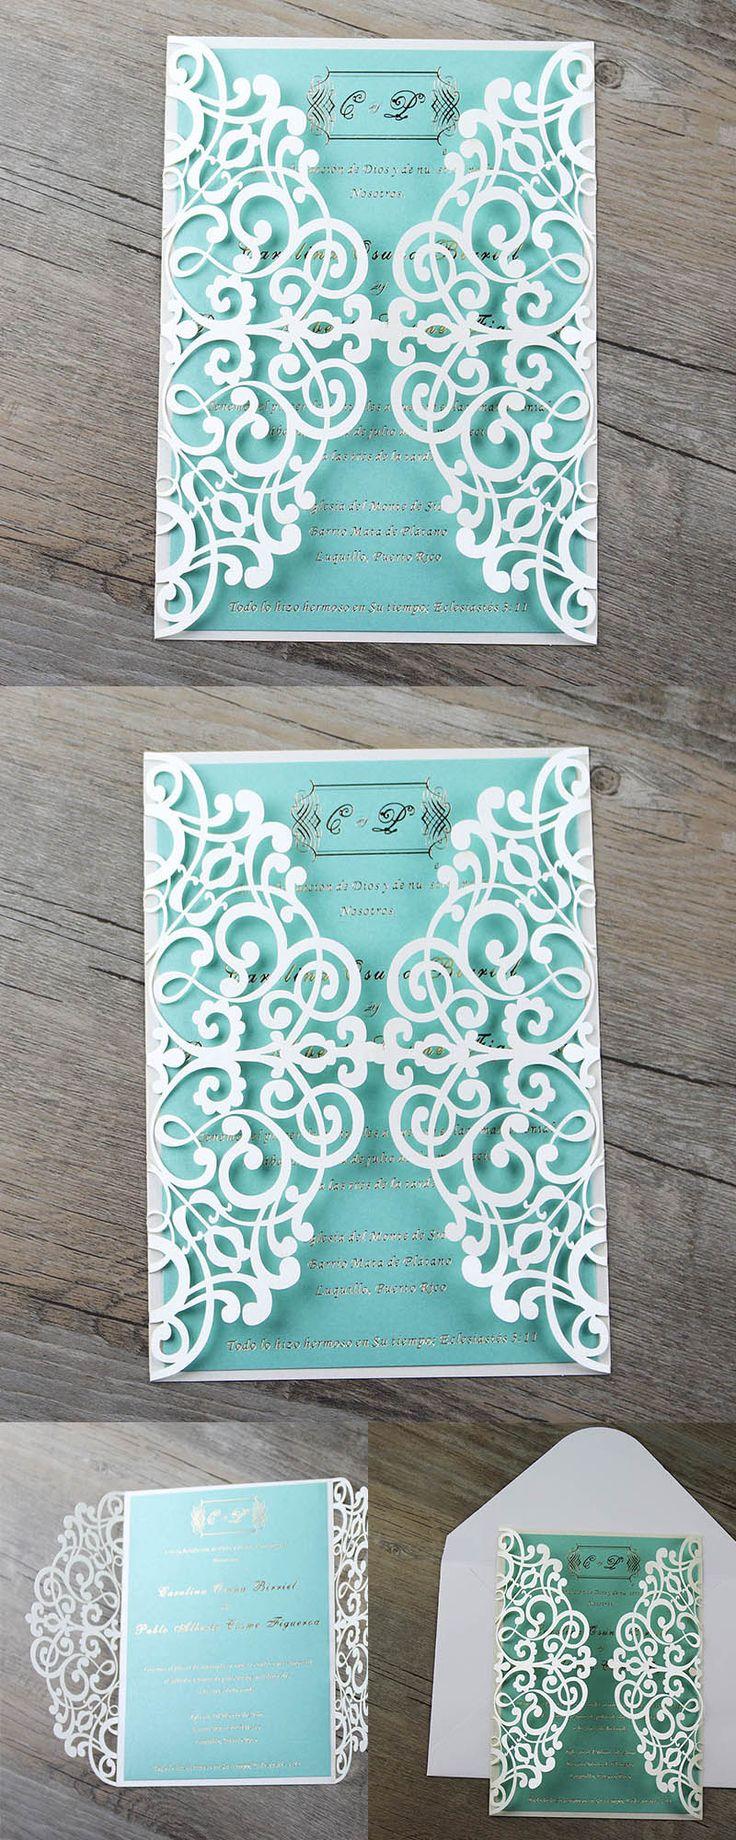 Wedding Invitations, Party Invitations, Tiffany Blue Laser Cut Wedding Invitations, Tiffany blue invitations